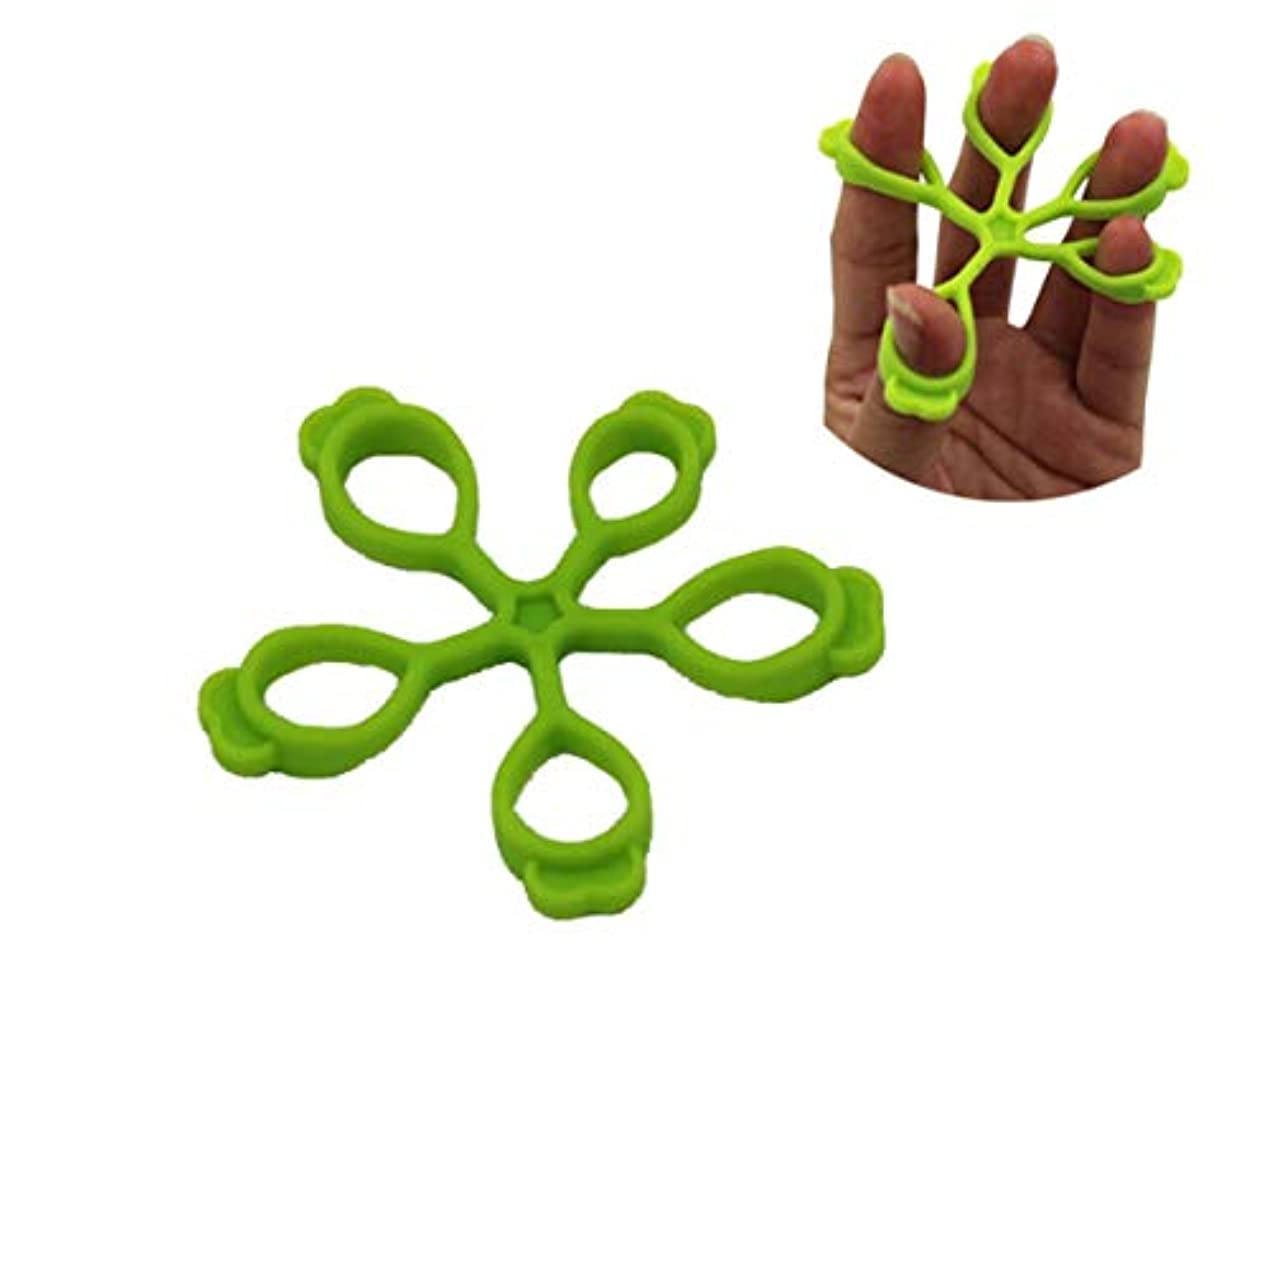 豆誘惑ランデブーHLX-0115パターンシリコンフィンガートレーナー - グリーン